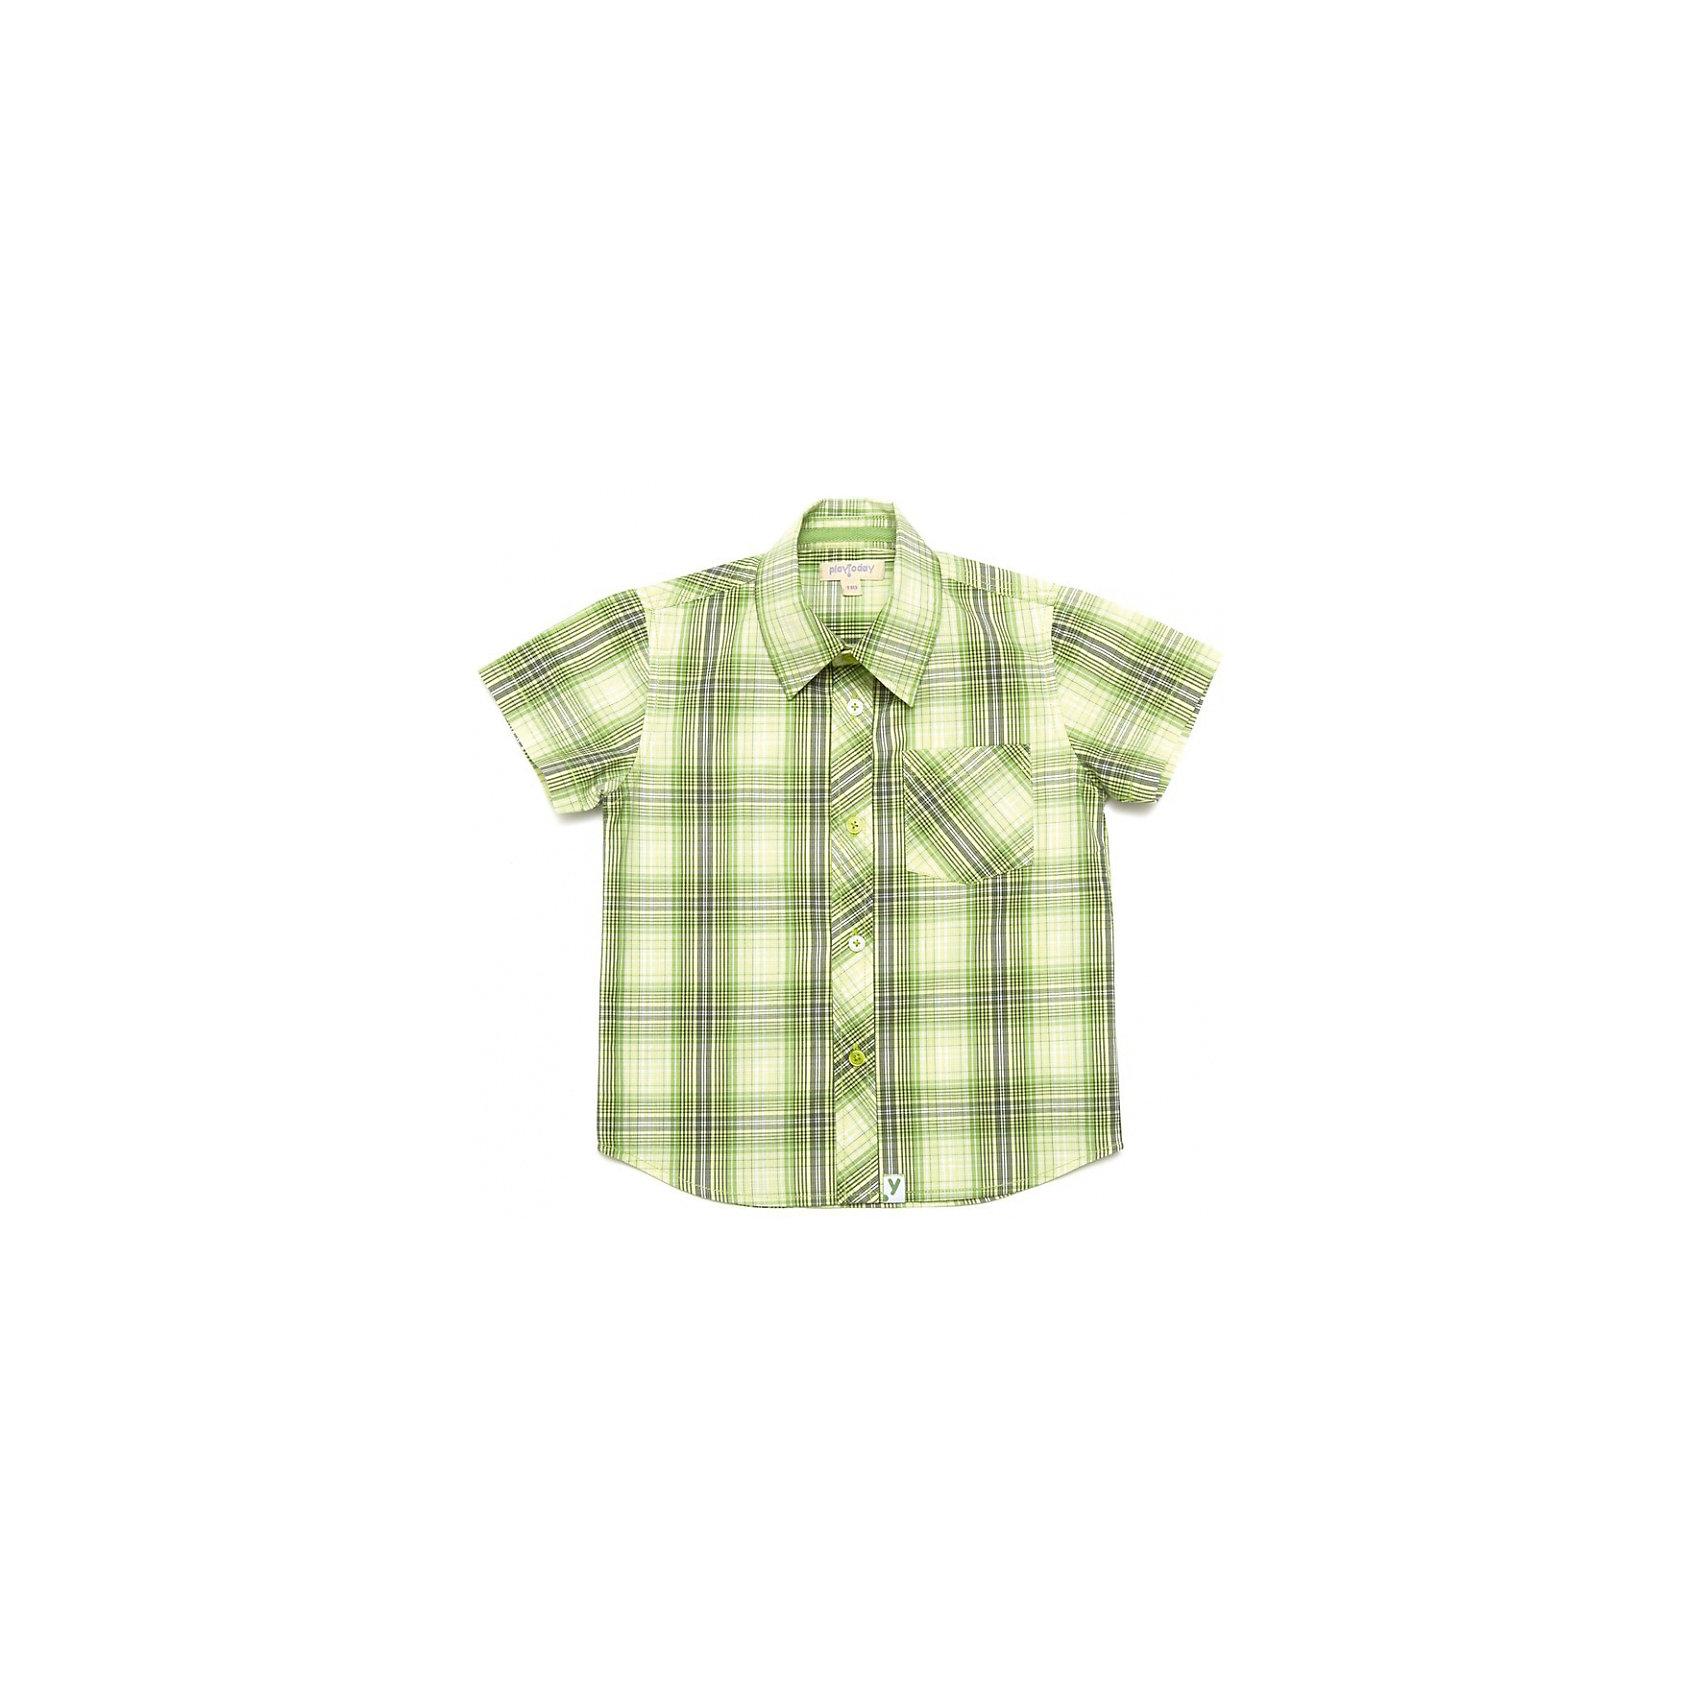 Рубашка для мальчика PlayTodayКлетчатая сорочка с короткими рукавами. Мягкая и удобная, сделана из чистого хлопка. Яркий зеленый цвет поднимет настроение. Застегивается на пуговицы, есть кармашек. Состав: 100% хлопок<br><br>Ширина мм: 174<br>Глубина мм: 10<br>Высота мм: 169<br>Вес г: 157<br>Цвет: желтый<br>Возраст от месяцев: 36<br>Возраст до месяцев: 48<br>Пол: Мужской<br>Возраст: Детский<br>Размер: 104,110,122,128,98,116<br>SKU: 4652346